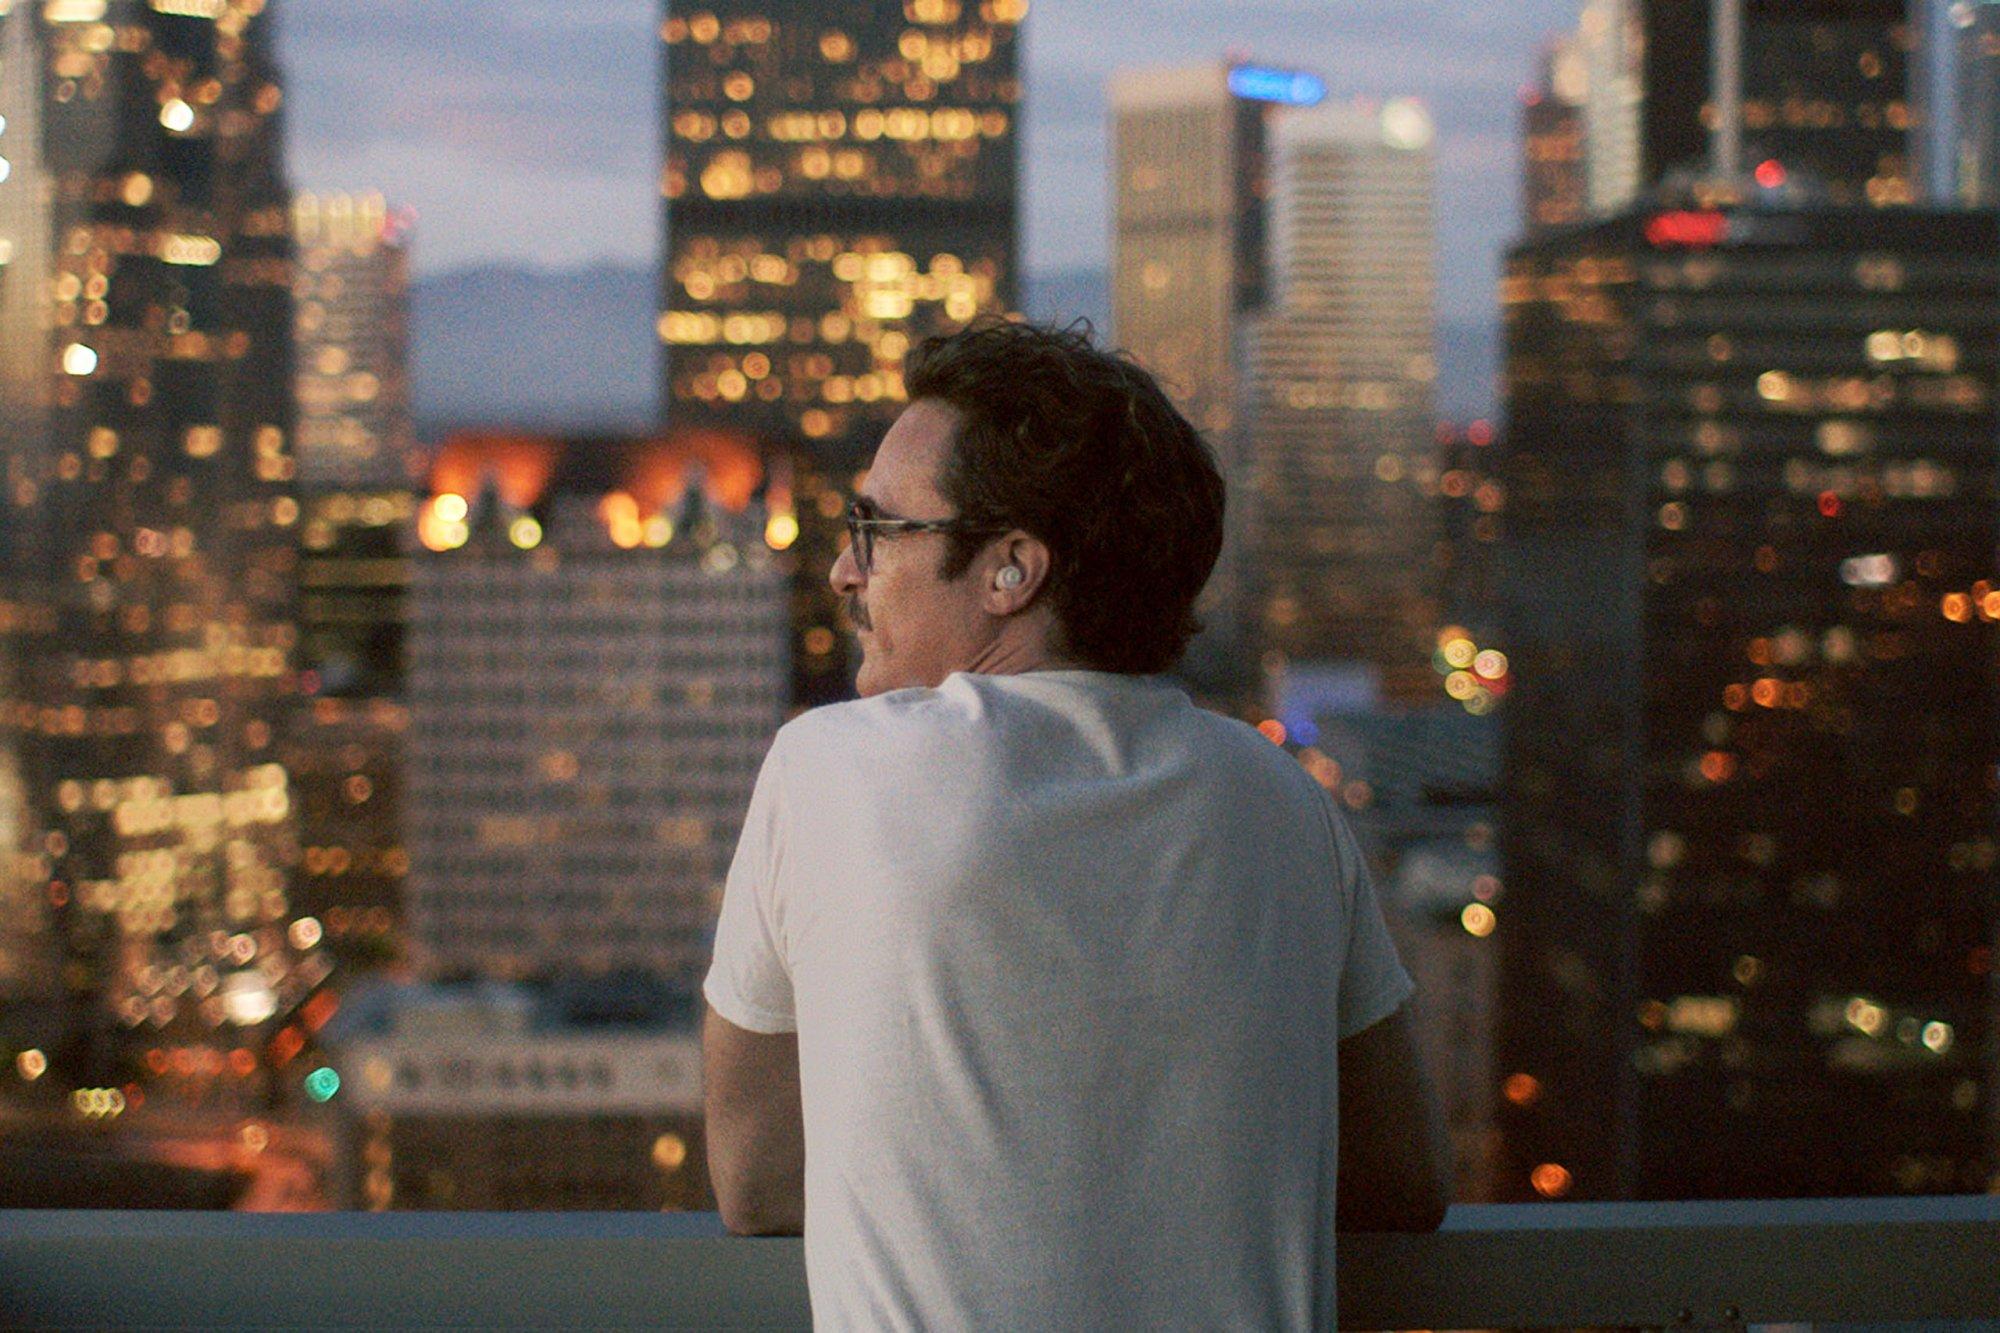 8 câu chuyện tình lãng mạn trên màn ảnh vẹn nguyên theo năm tháng - Ảnh 8.